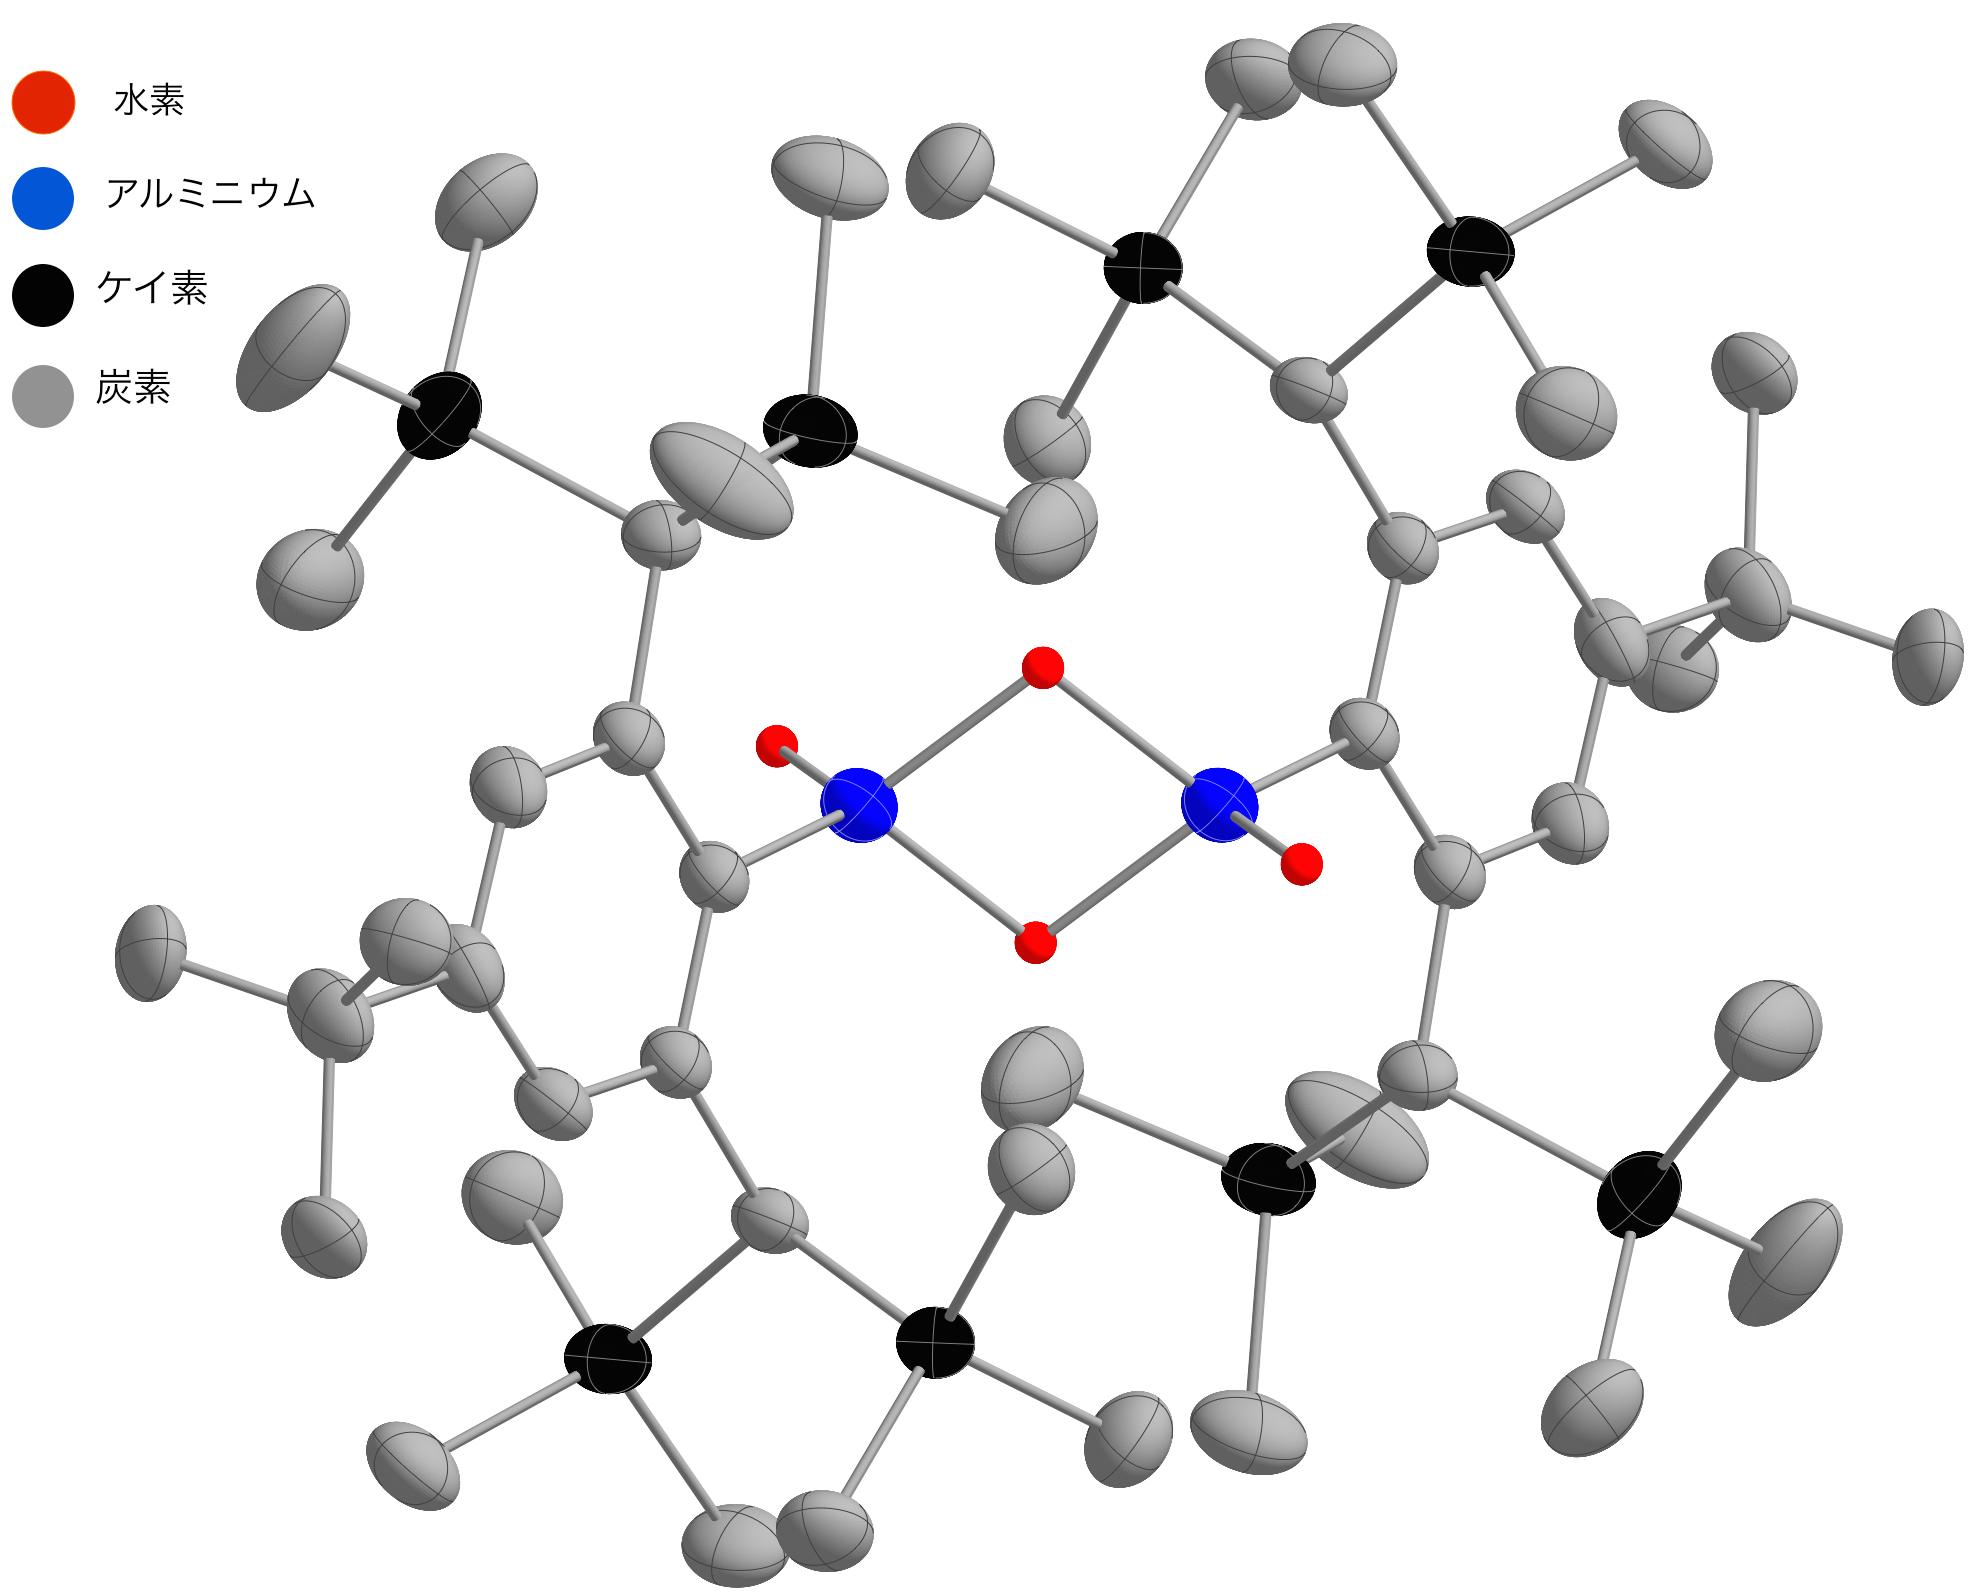 水素化アルミニウム化合物の生成に成功! – 希少元素からユビキタス元素への転換を目指して未来のノーベル賞はここにある! イチオシ研究発掘メディア